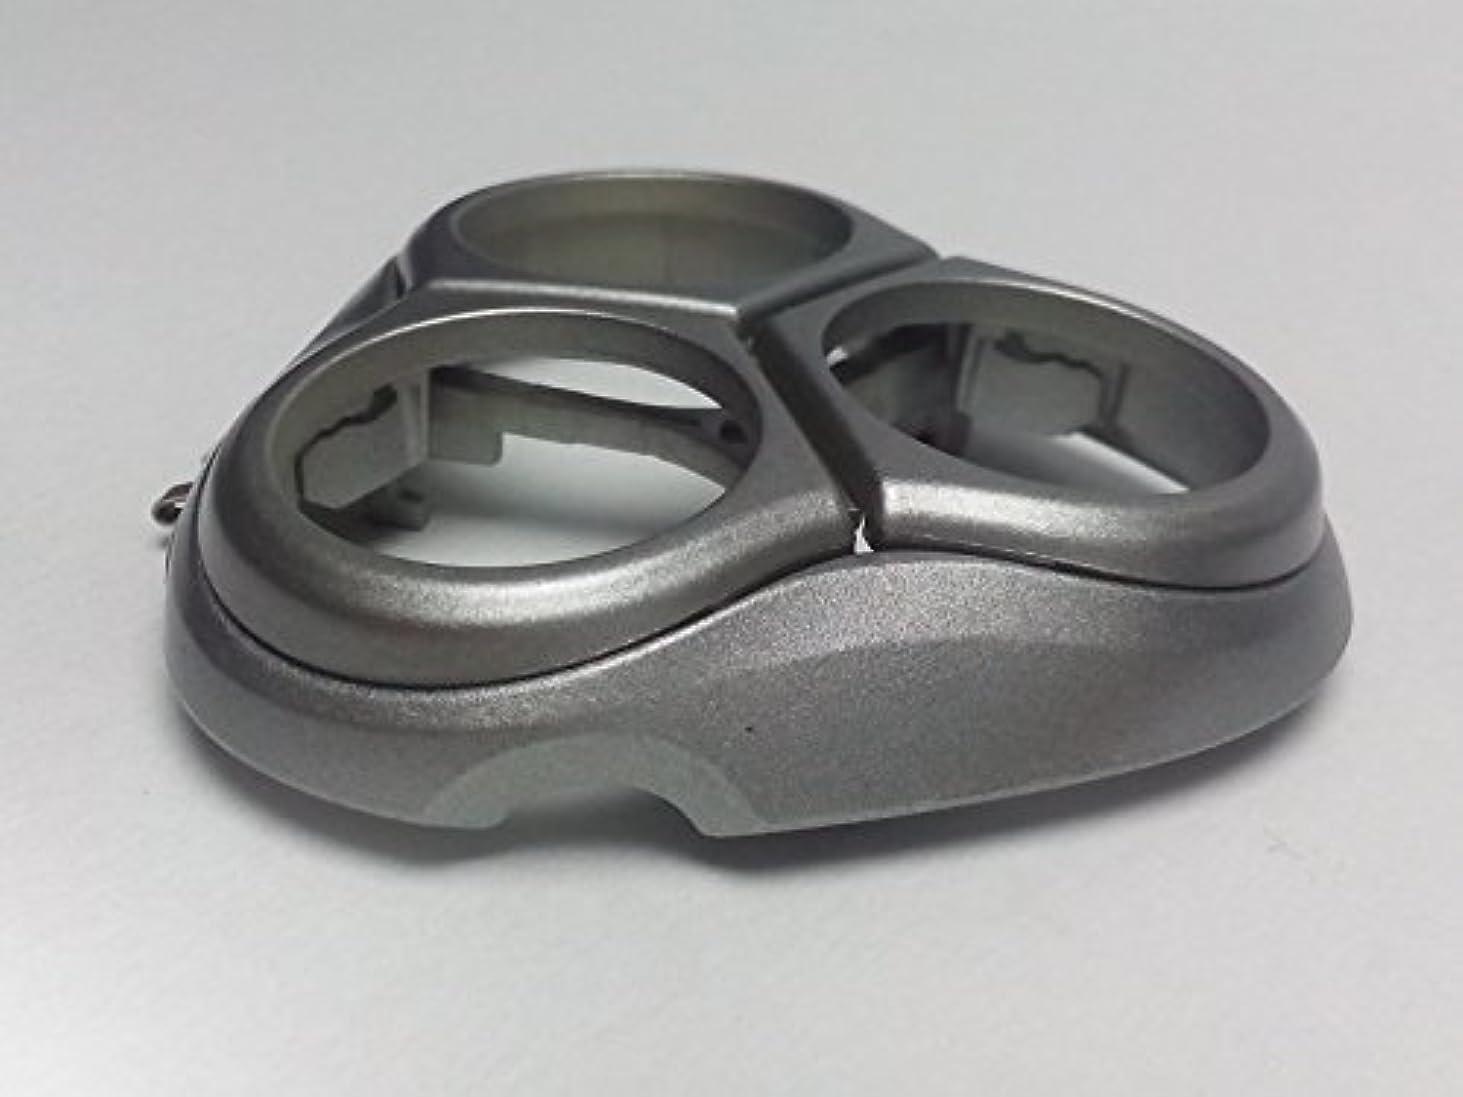 プレビューポーン乳製品シェービングカミソリヘッドフレームホルダーカバー フィリップス Philips Norelco HQ8200 HQ8230 HQ8261 HQ8241 HQ8251 Shaver Razor Head Frame Holder...